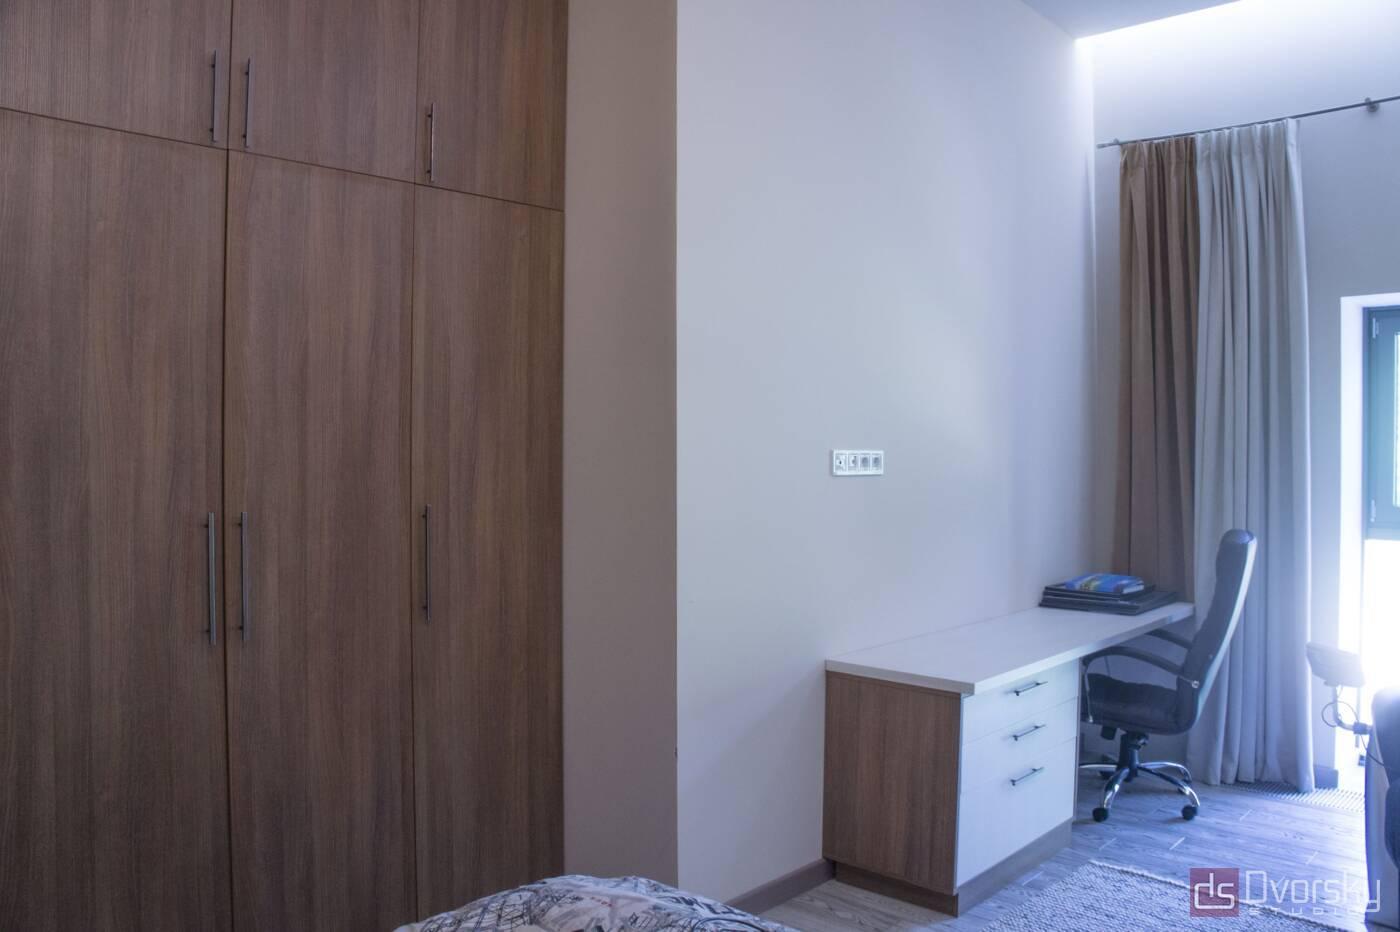 Спальні Спальня з вузьким ліжком - Фото № 5